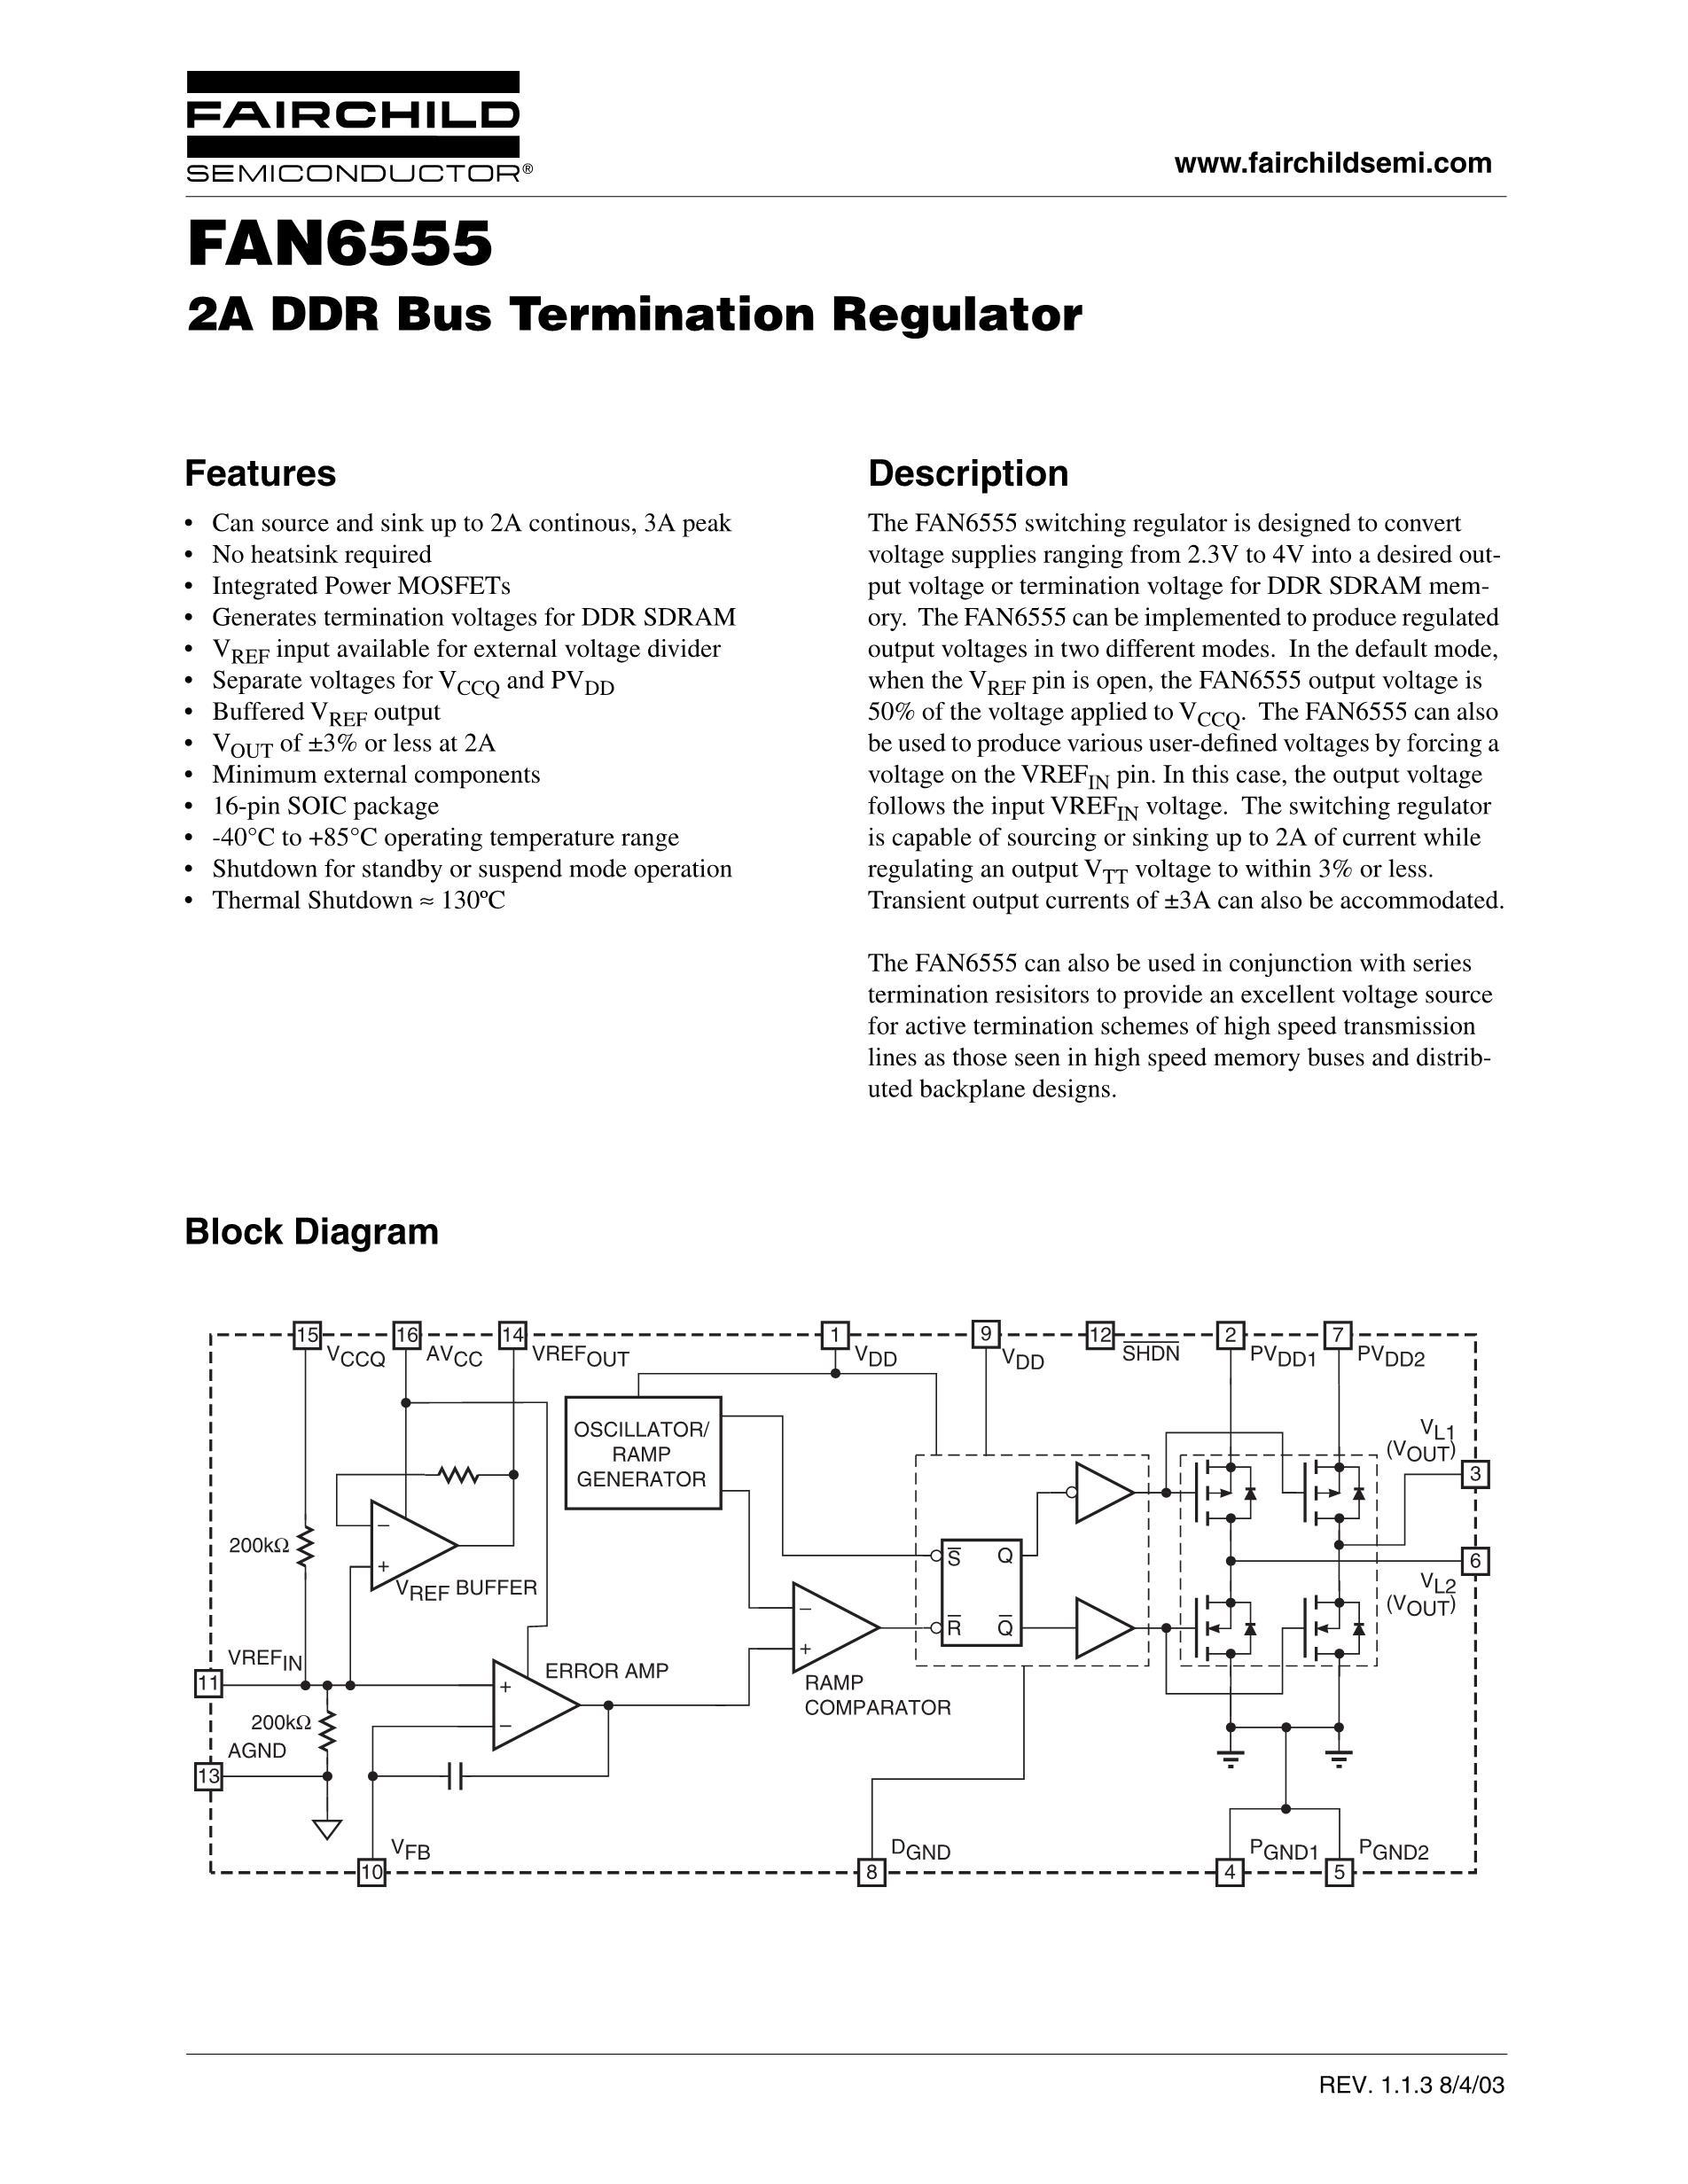 FAN6921MLMY's pdf picture 1